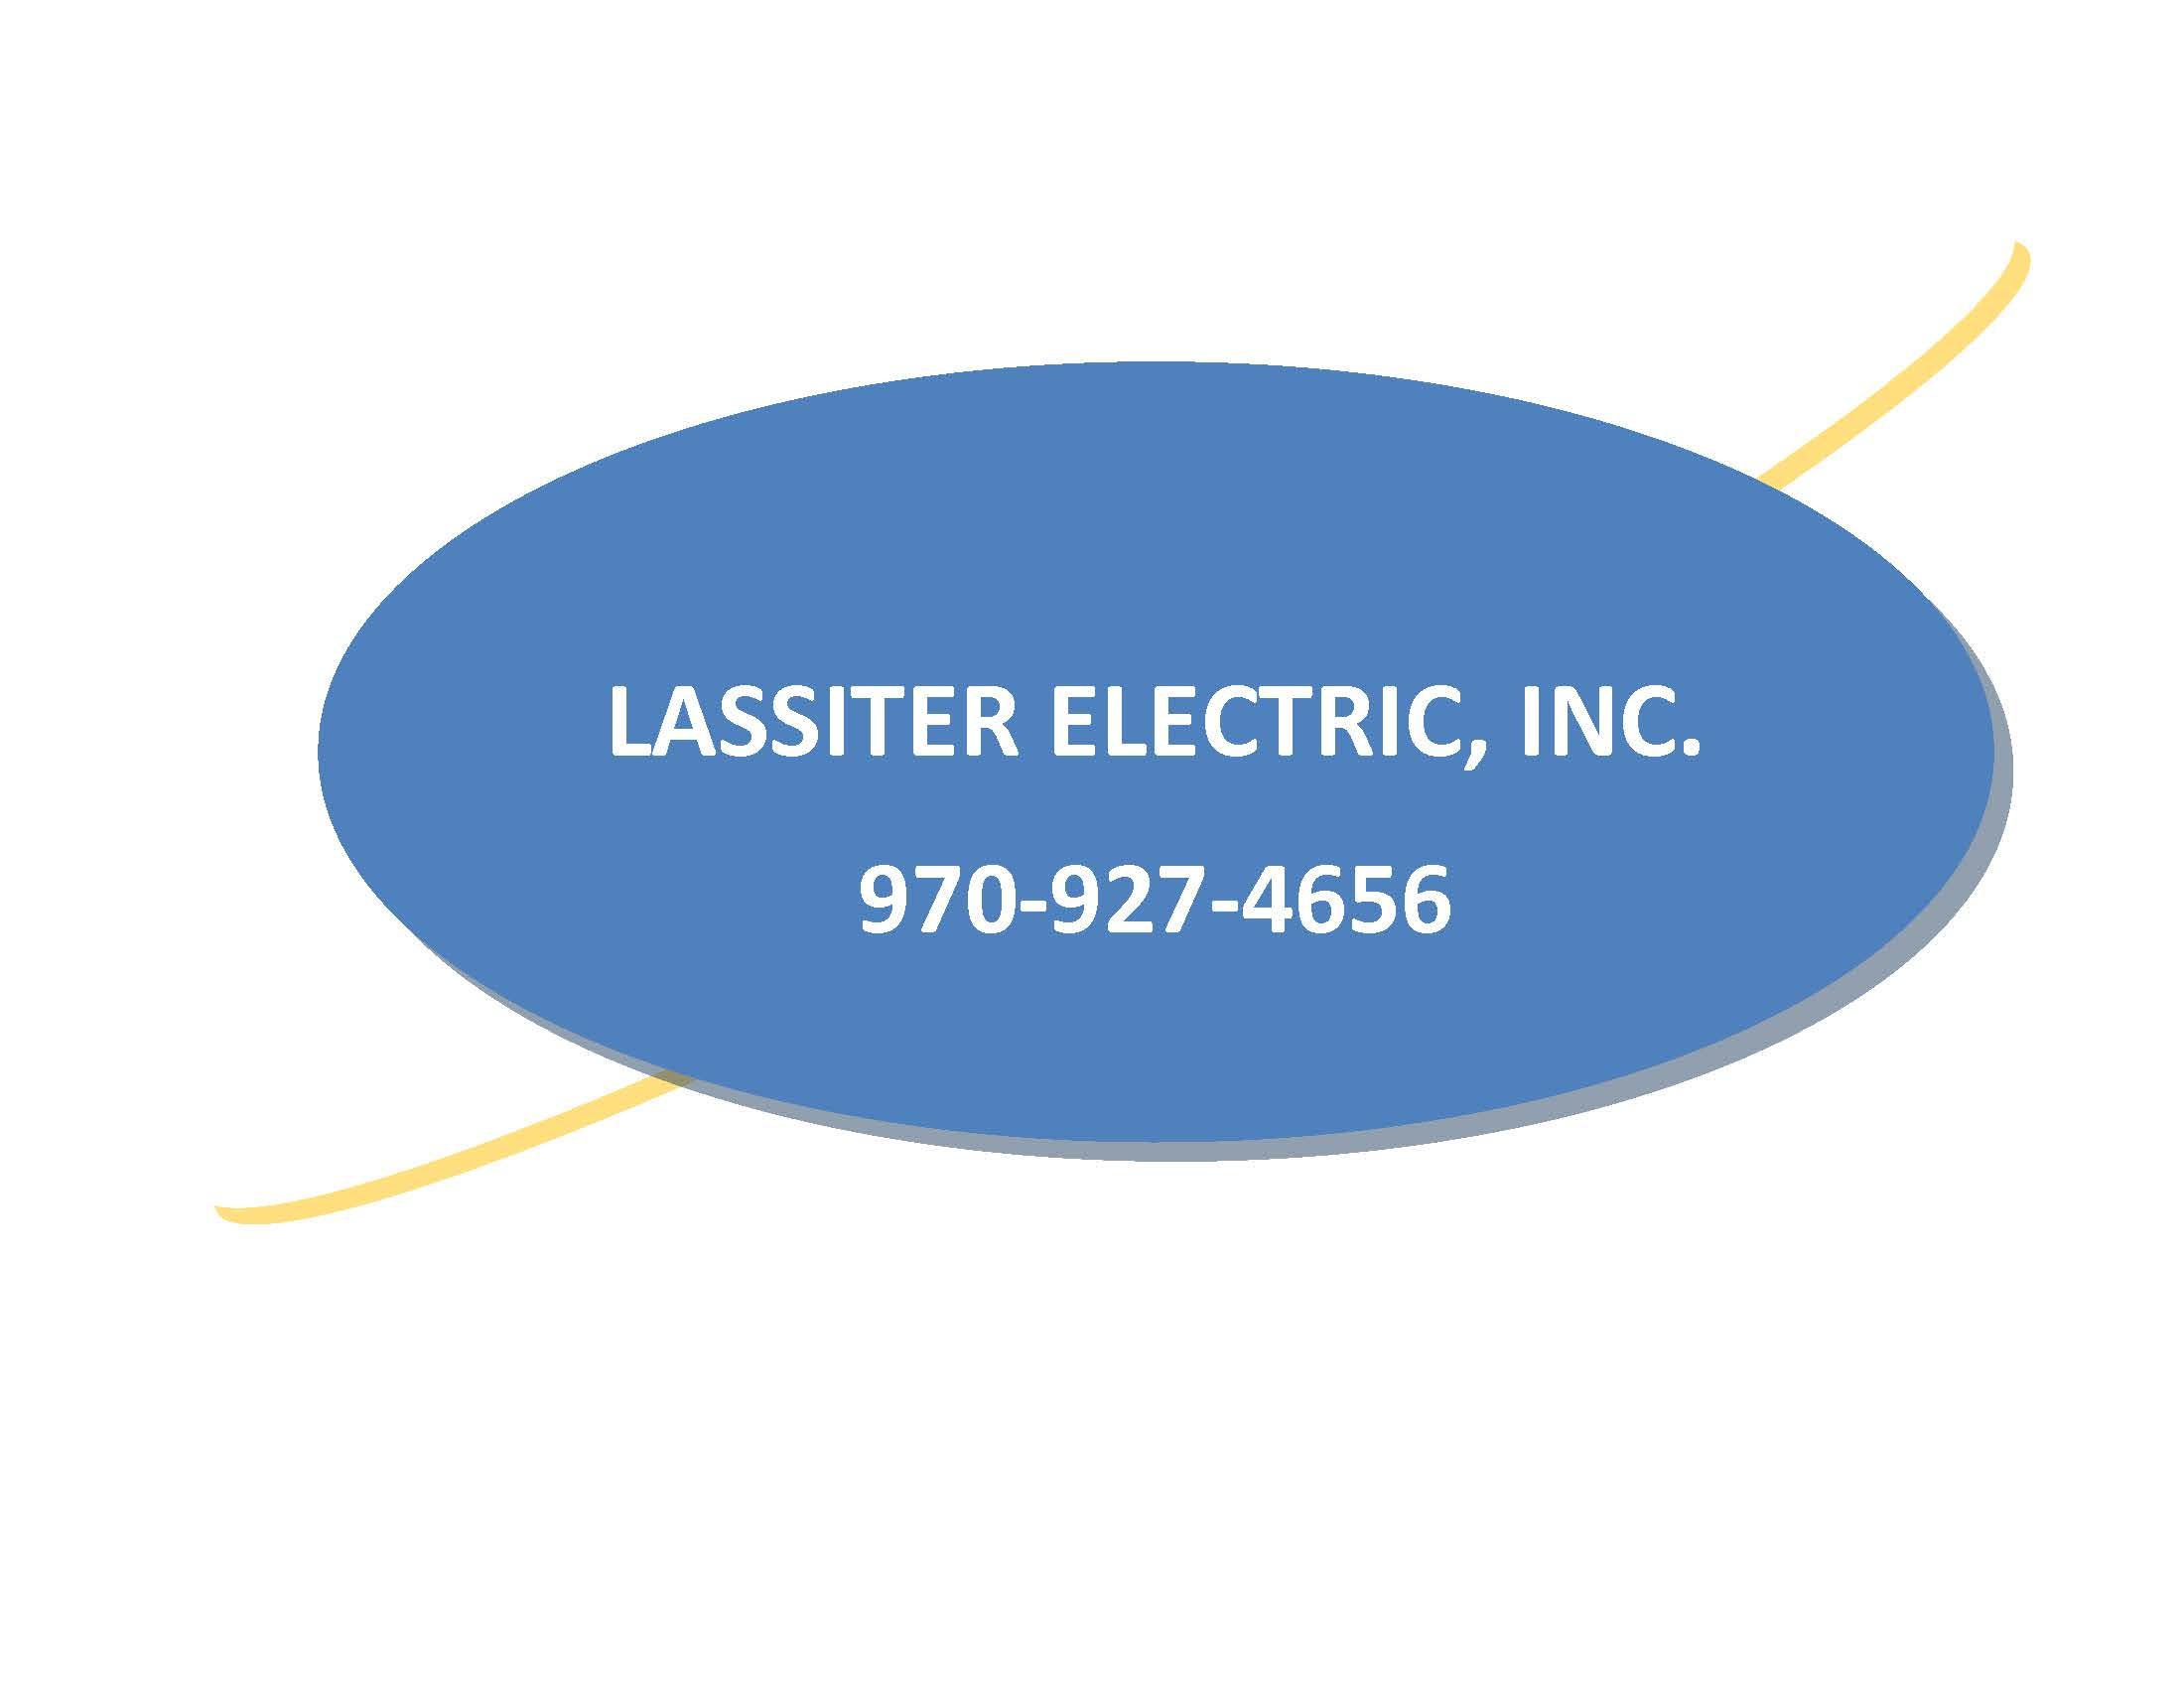 Lassiter Electric, Inc.